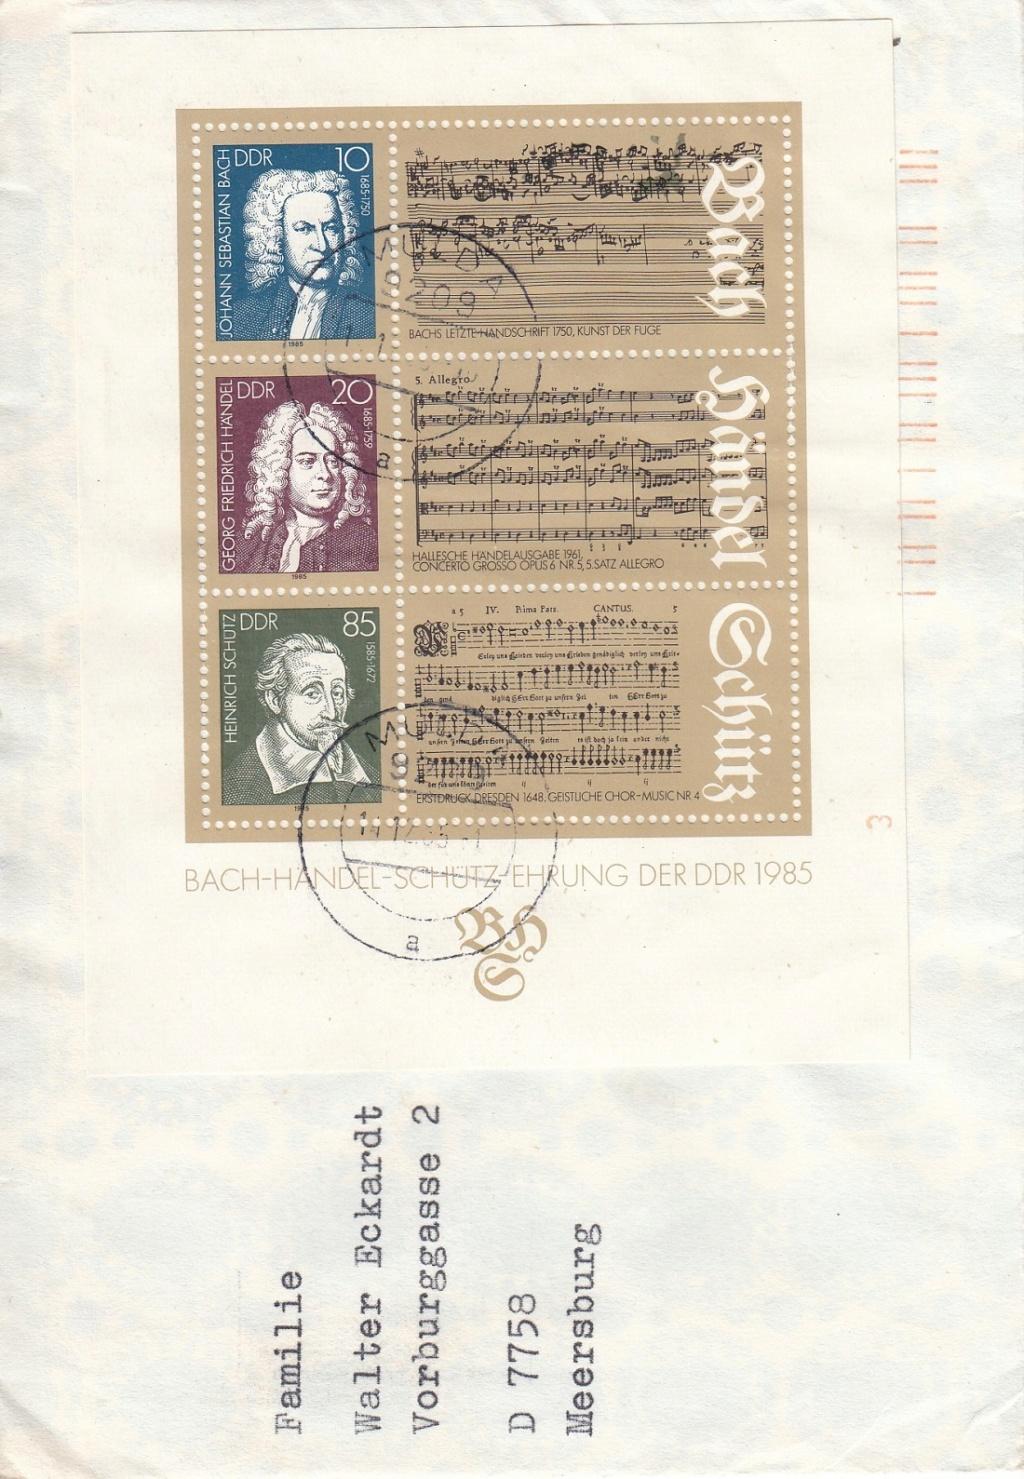 Schöne Briefe und Belege der DDR Ddrc10